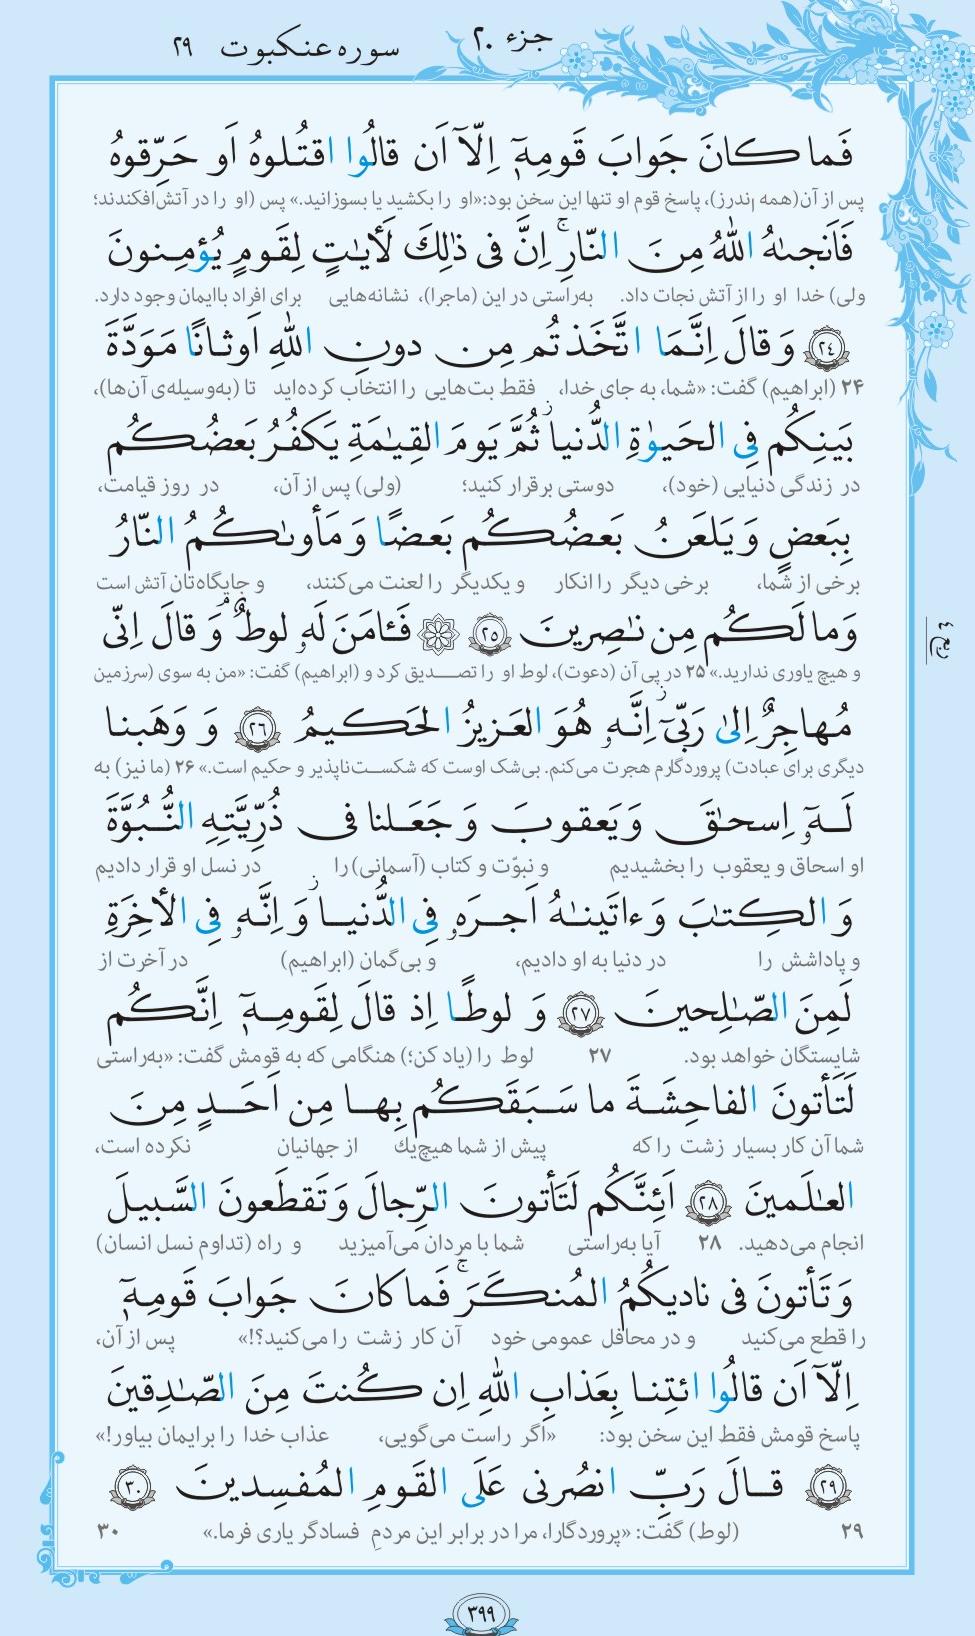 13990402000867 Test NewPhotoFree - ترتیل صفحه ۳۹۹ قرآن باصدای منشاوی+صوت و متن آیات